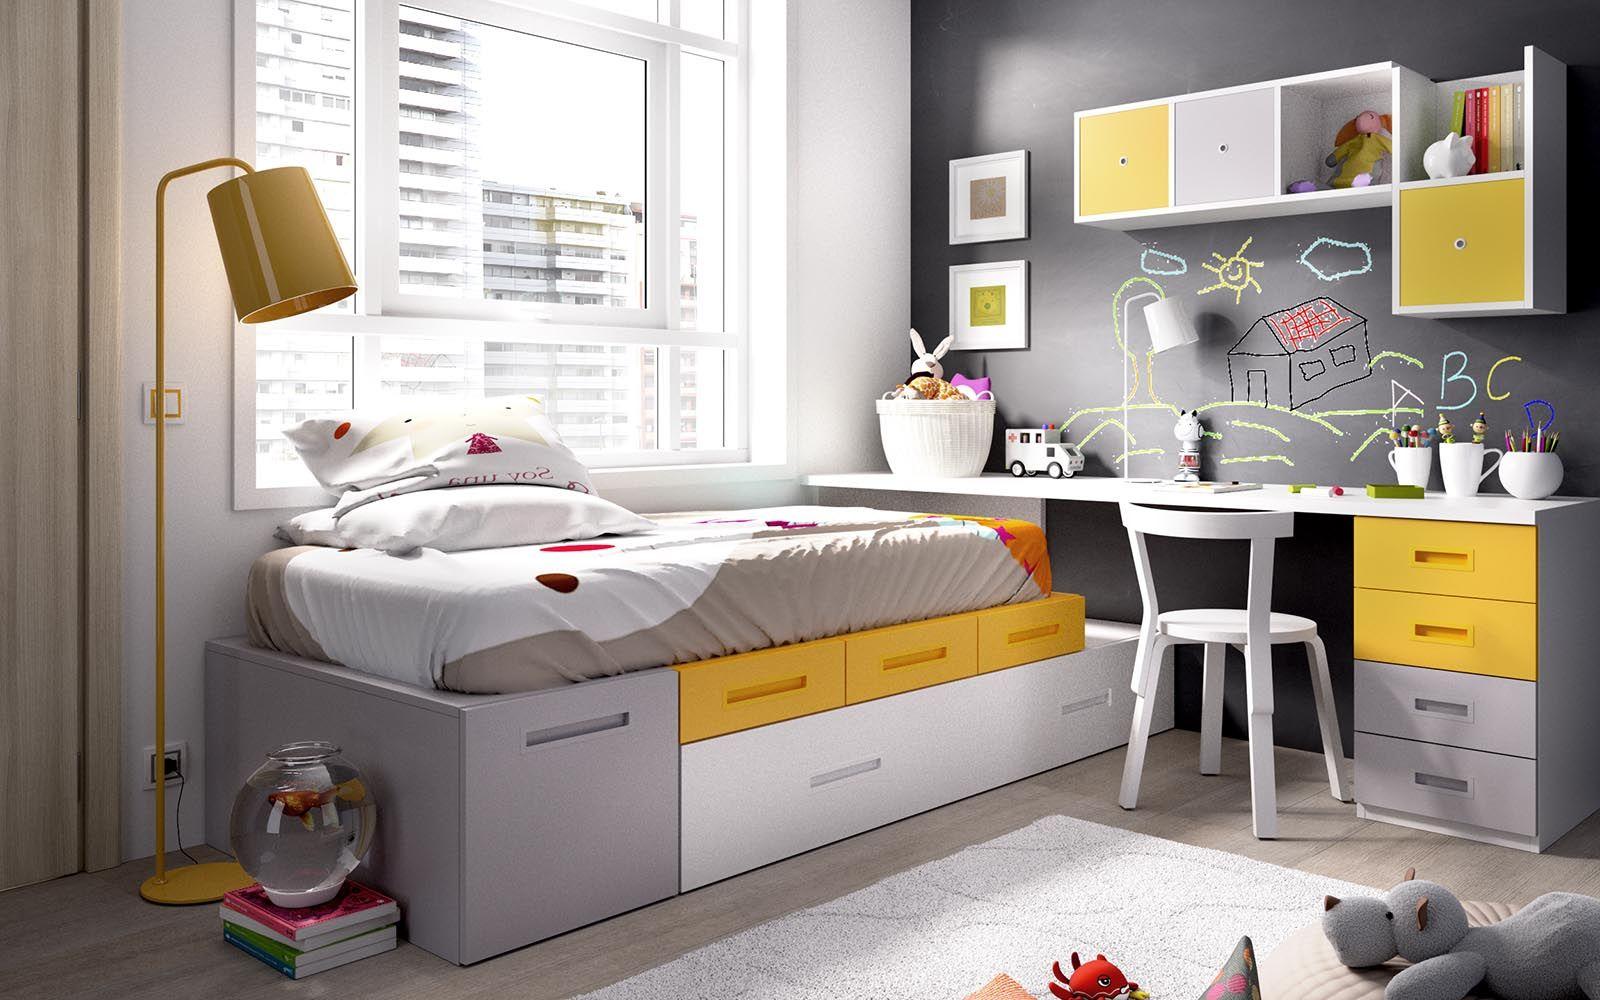 Dormitorio juvenil con gran capacidad dormitorios - Dormitorio pequeno juvenil ...